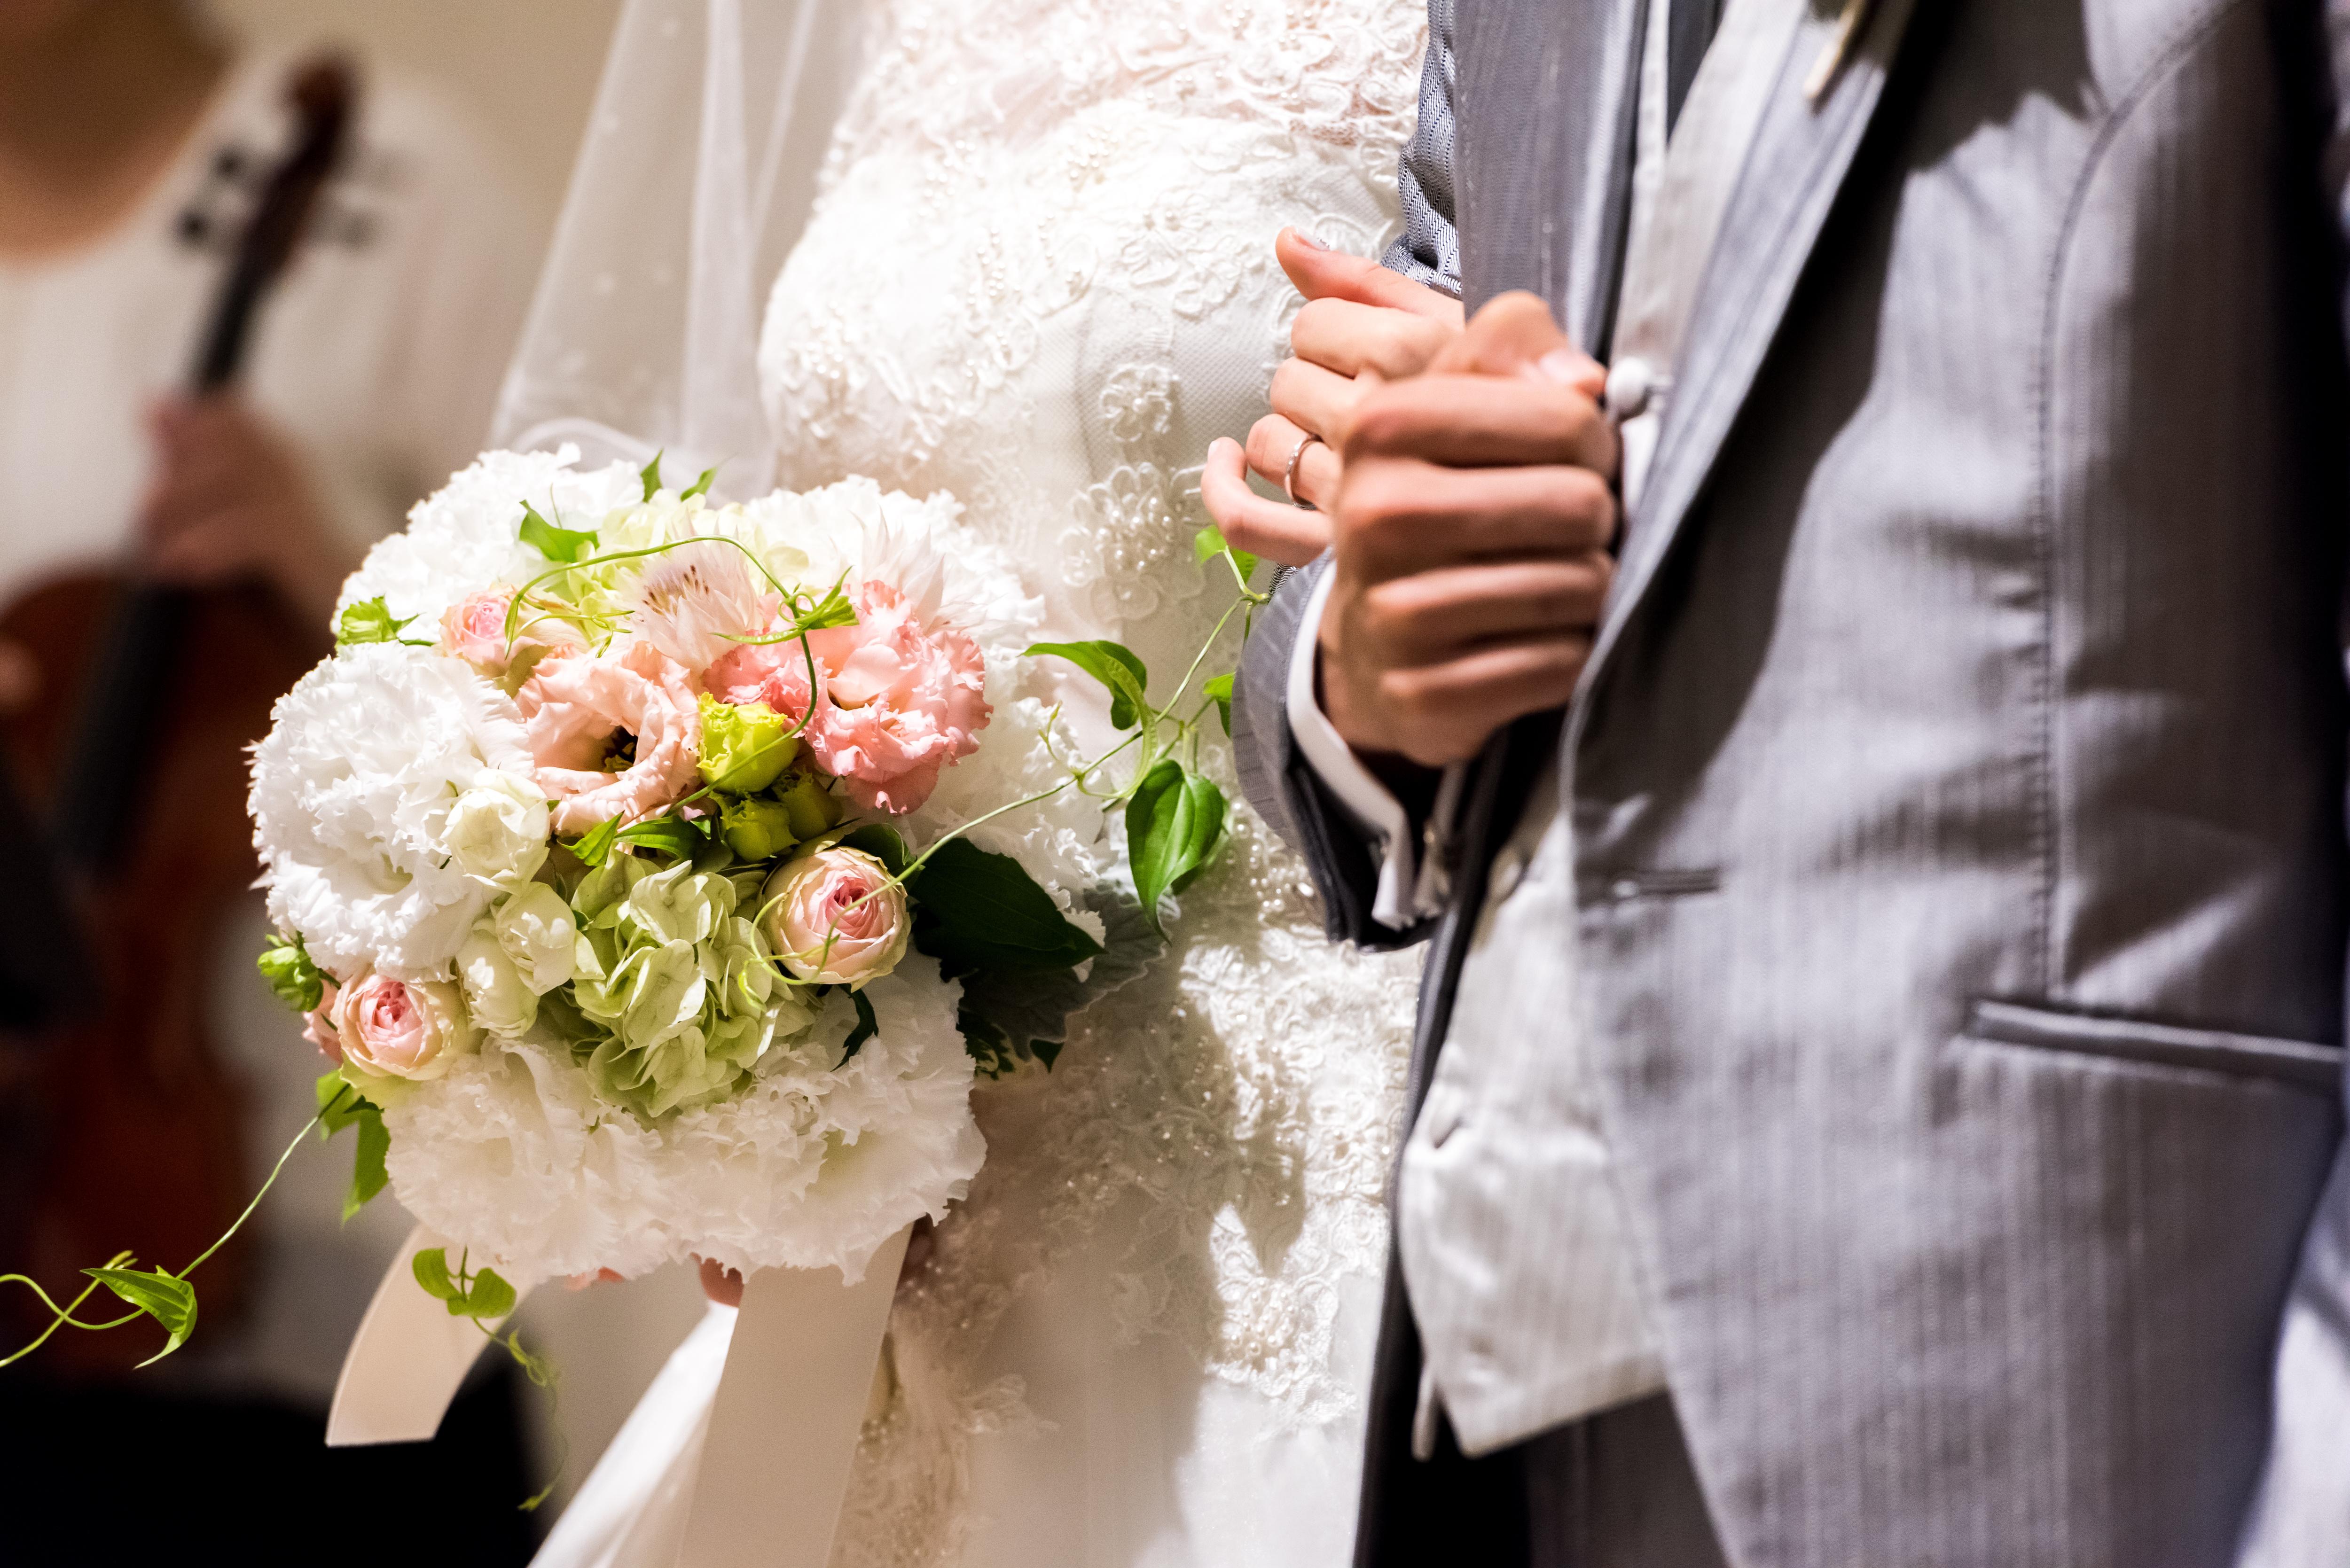 教堂婚禮-チャペル挙式